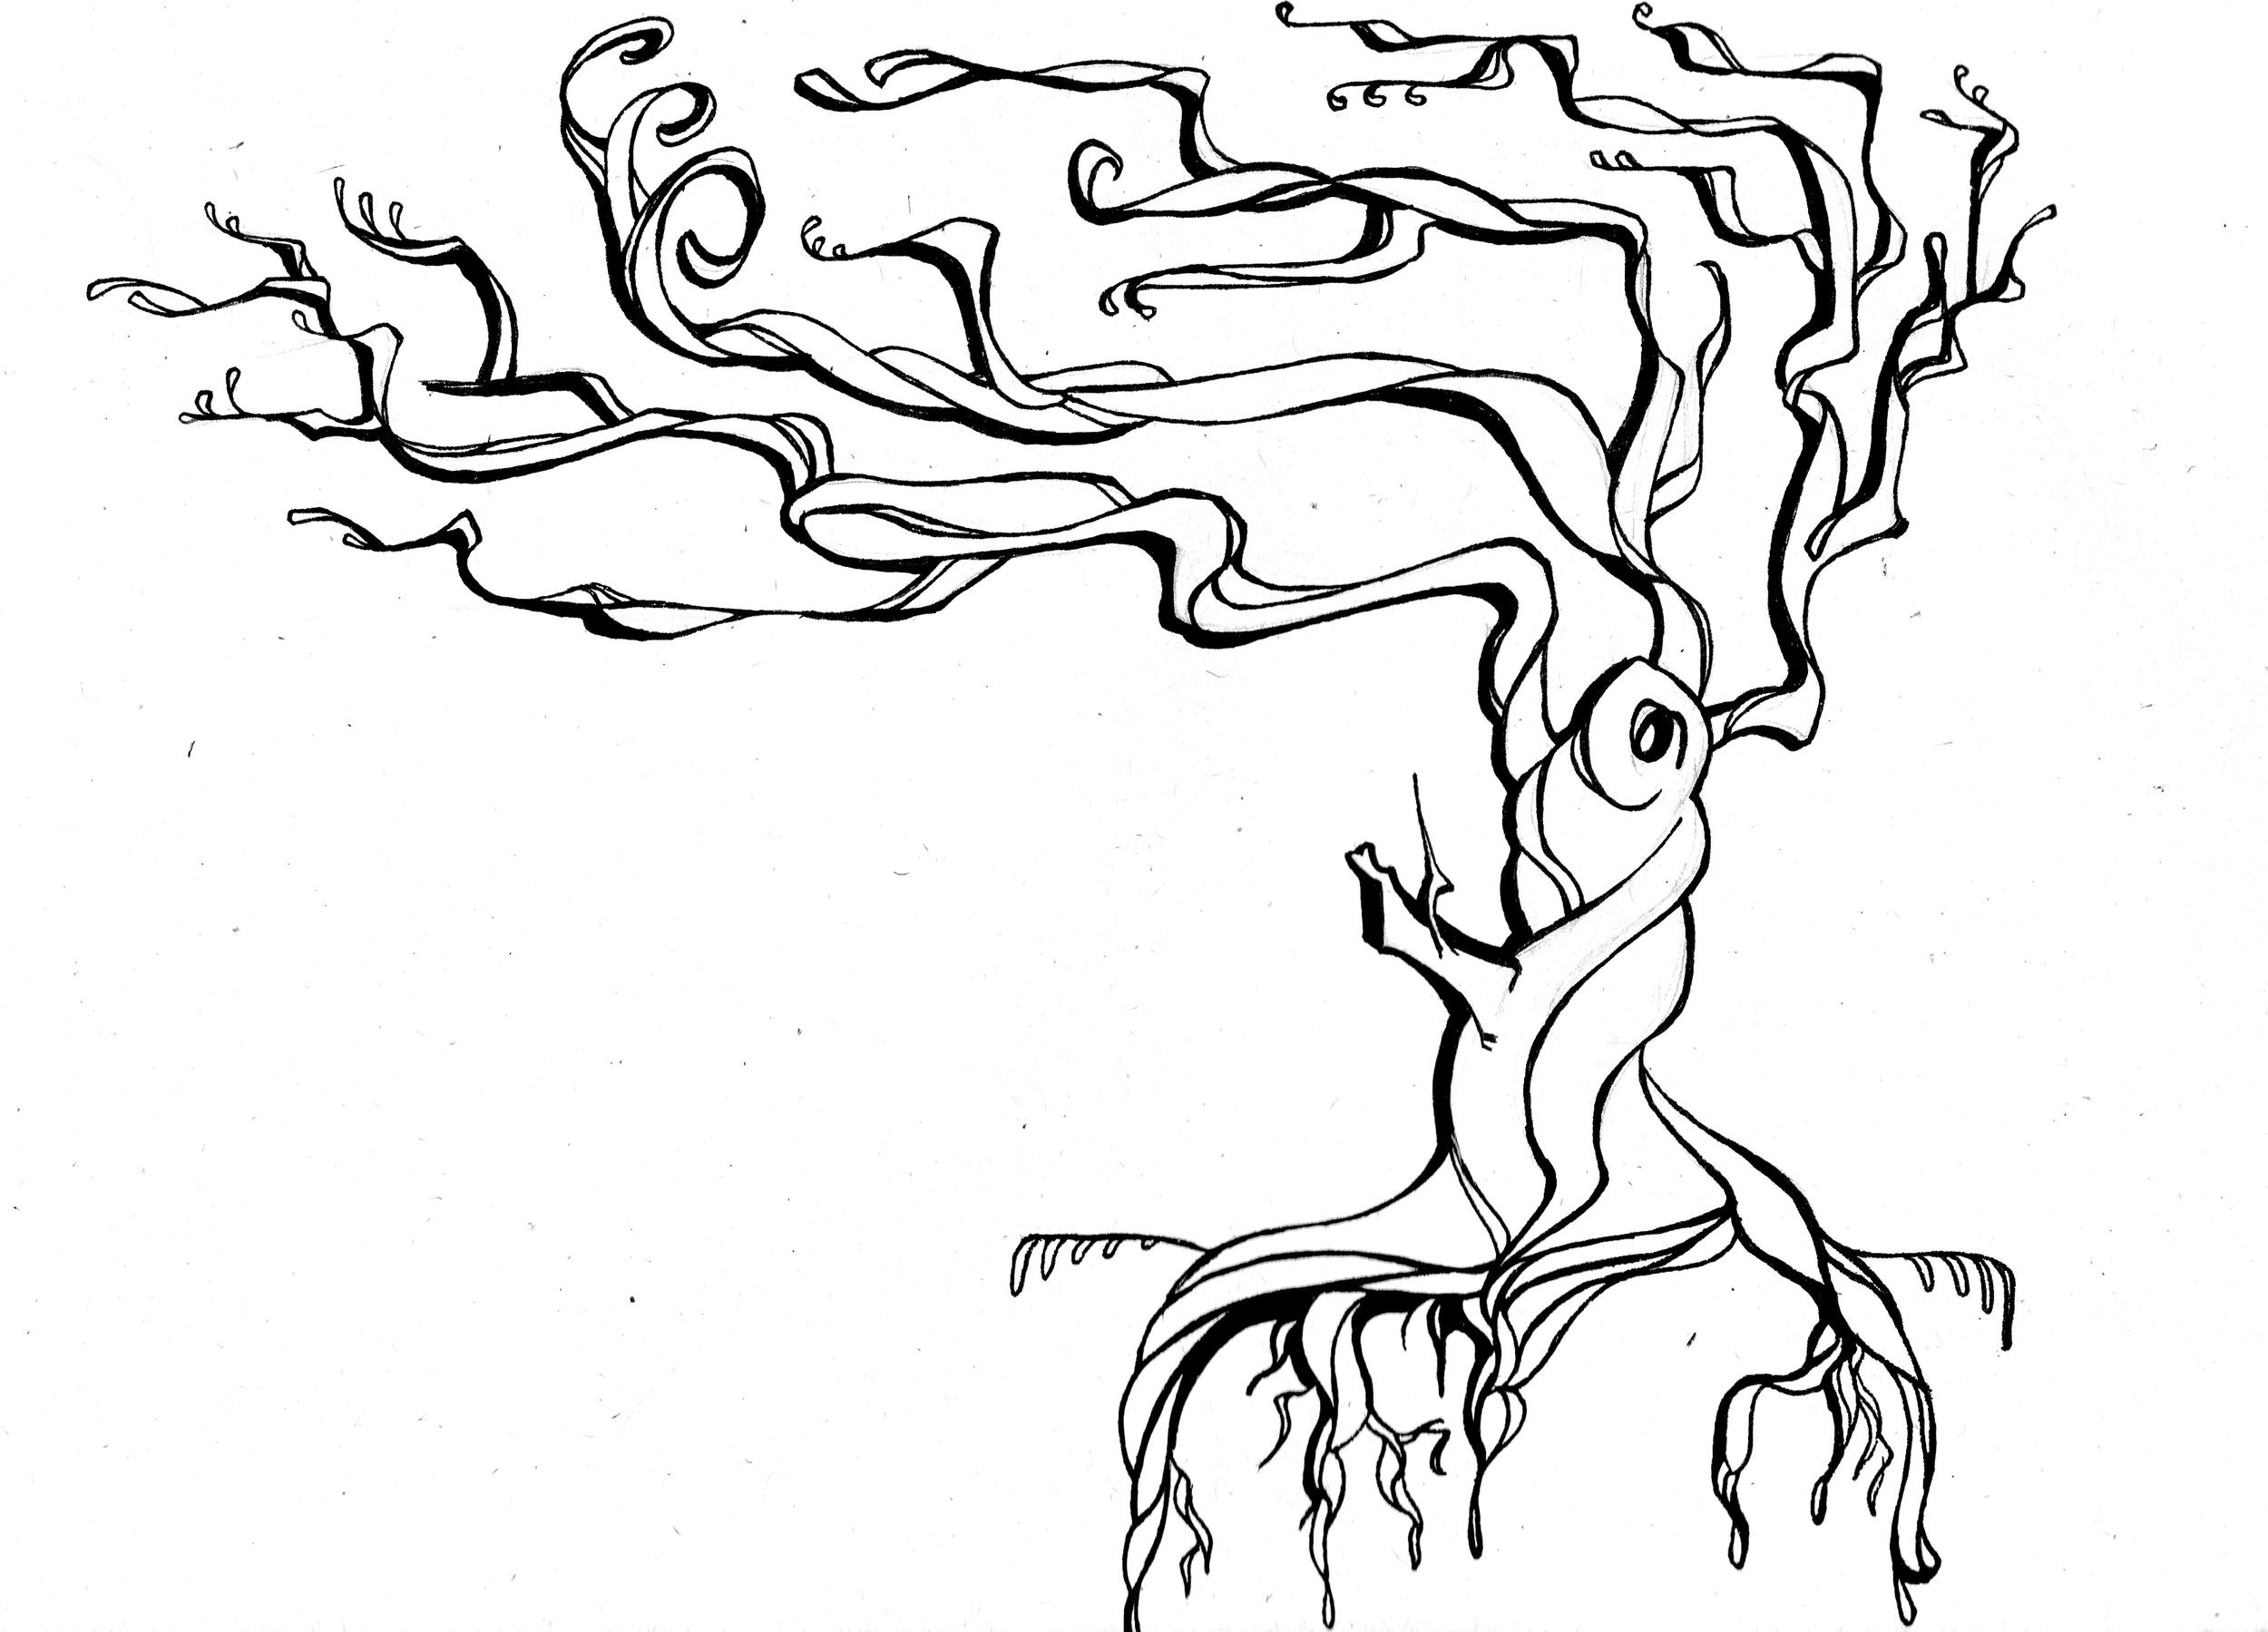 - Twistin' the night away tree shoulder tattoo -